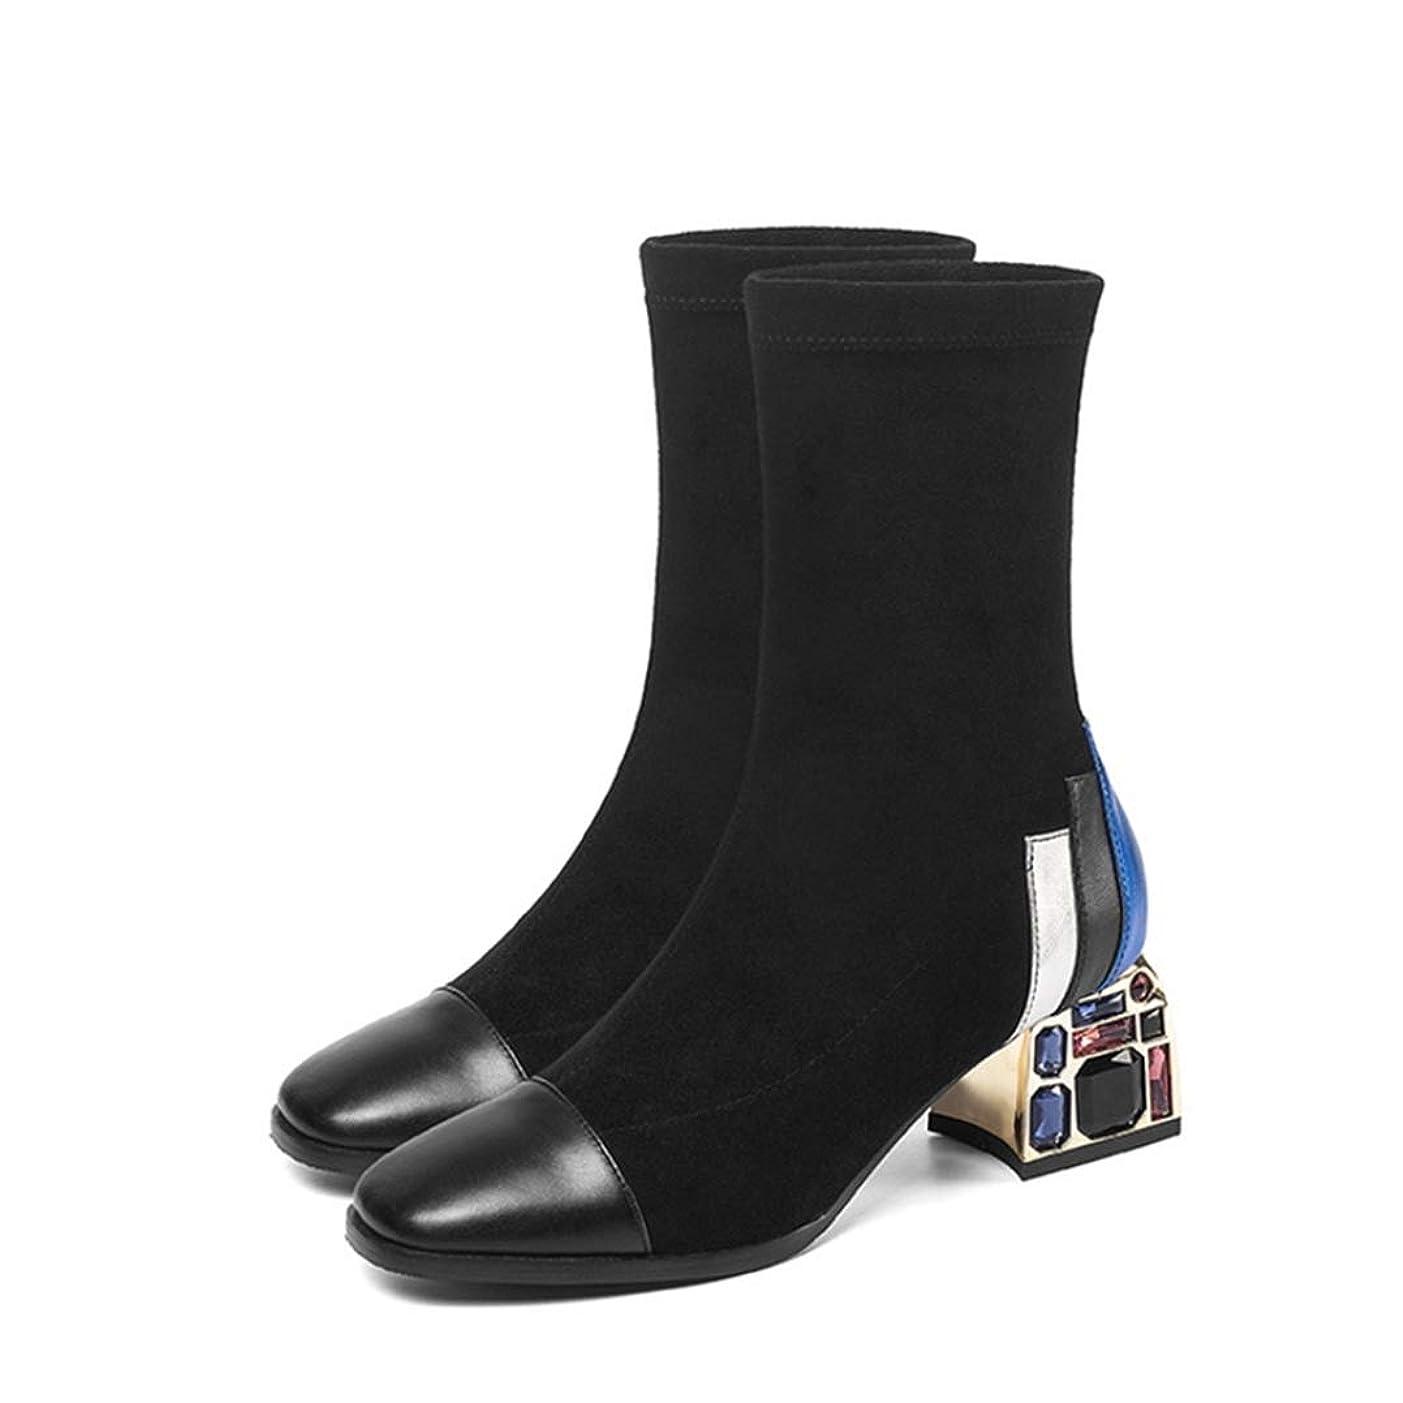 ランドマーク歴史性別[GZGZ] ショートブーツ スクエアトゥゥ ミドルヒール スエード レディース ブーツ 大きいサイズ ブーティ おしゃれ 旅行 仕事 就活 OL風 滑りにくい 疲れない 履きやすい 歩きやすい 脚長 披露宴 防寒 シンプル ソフト